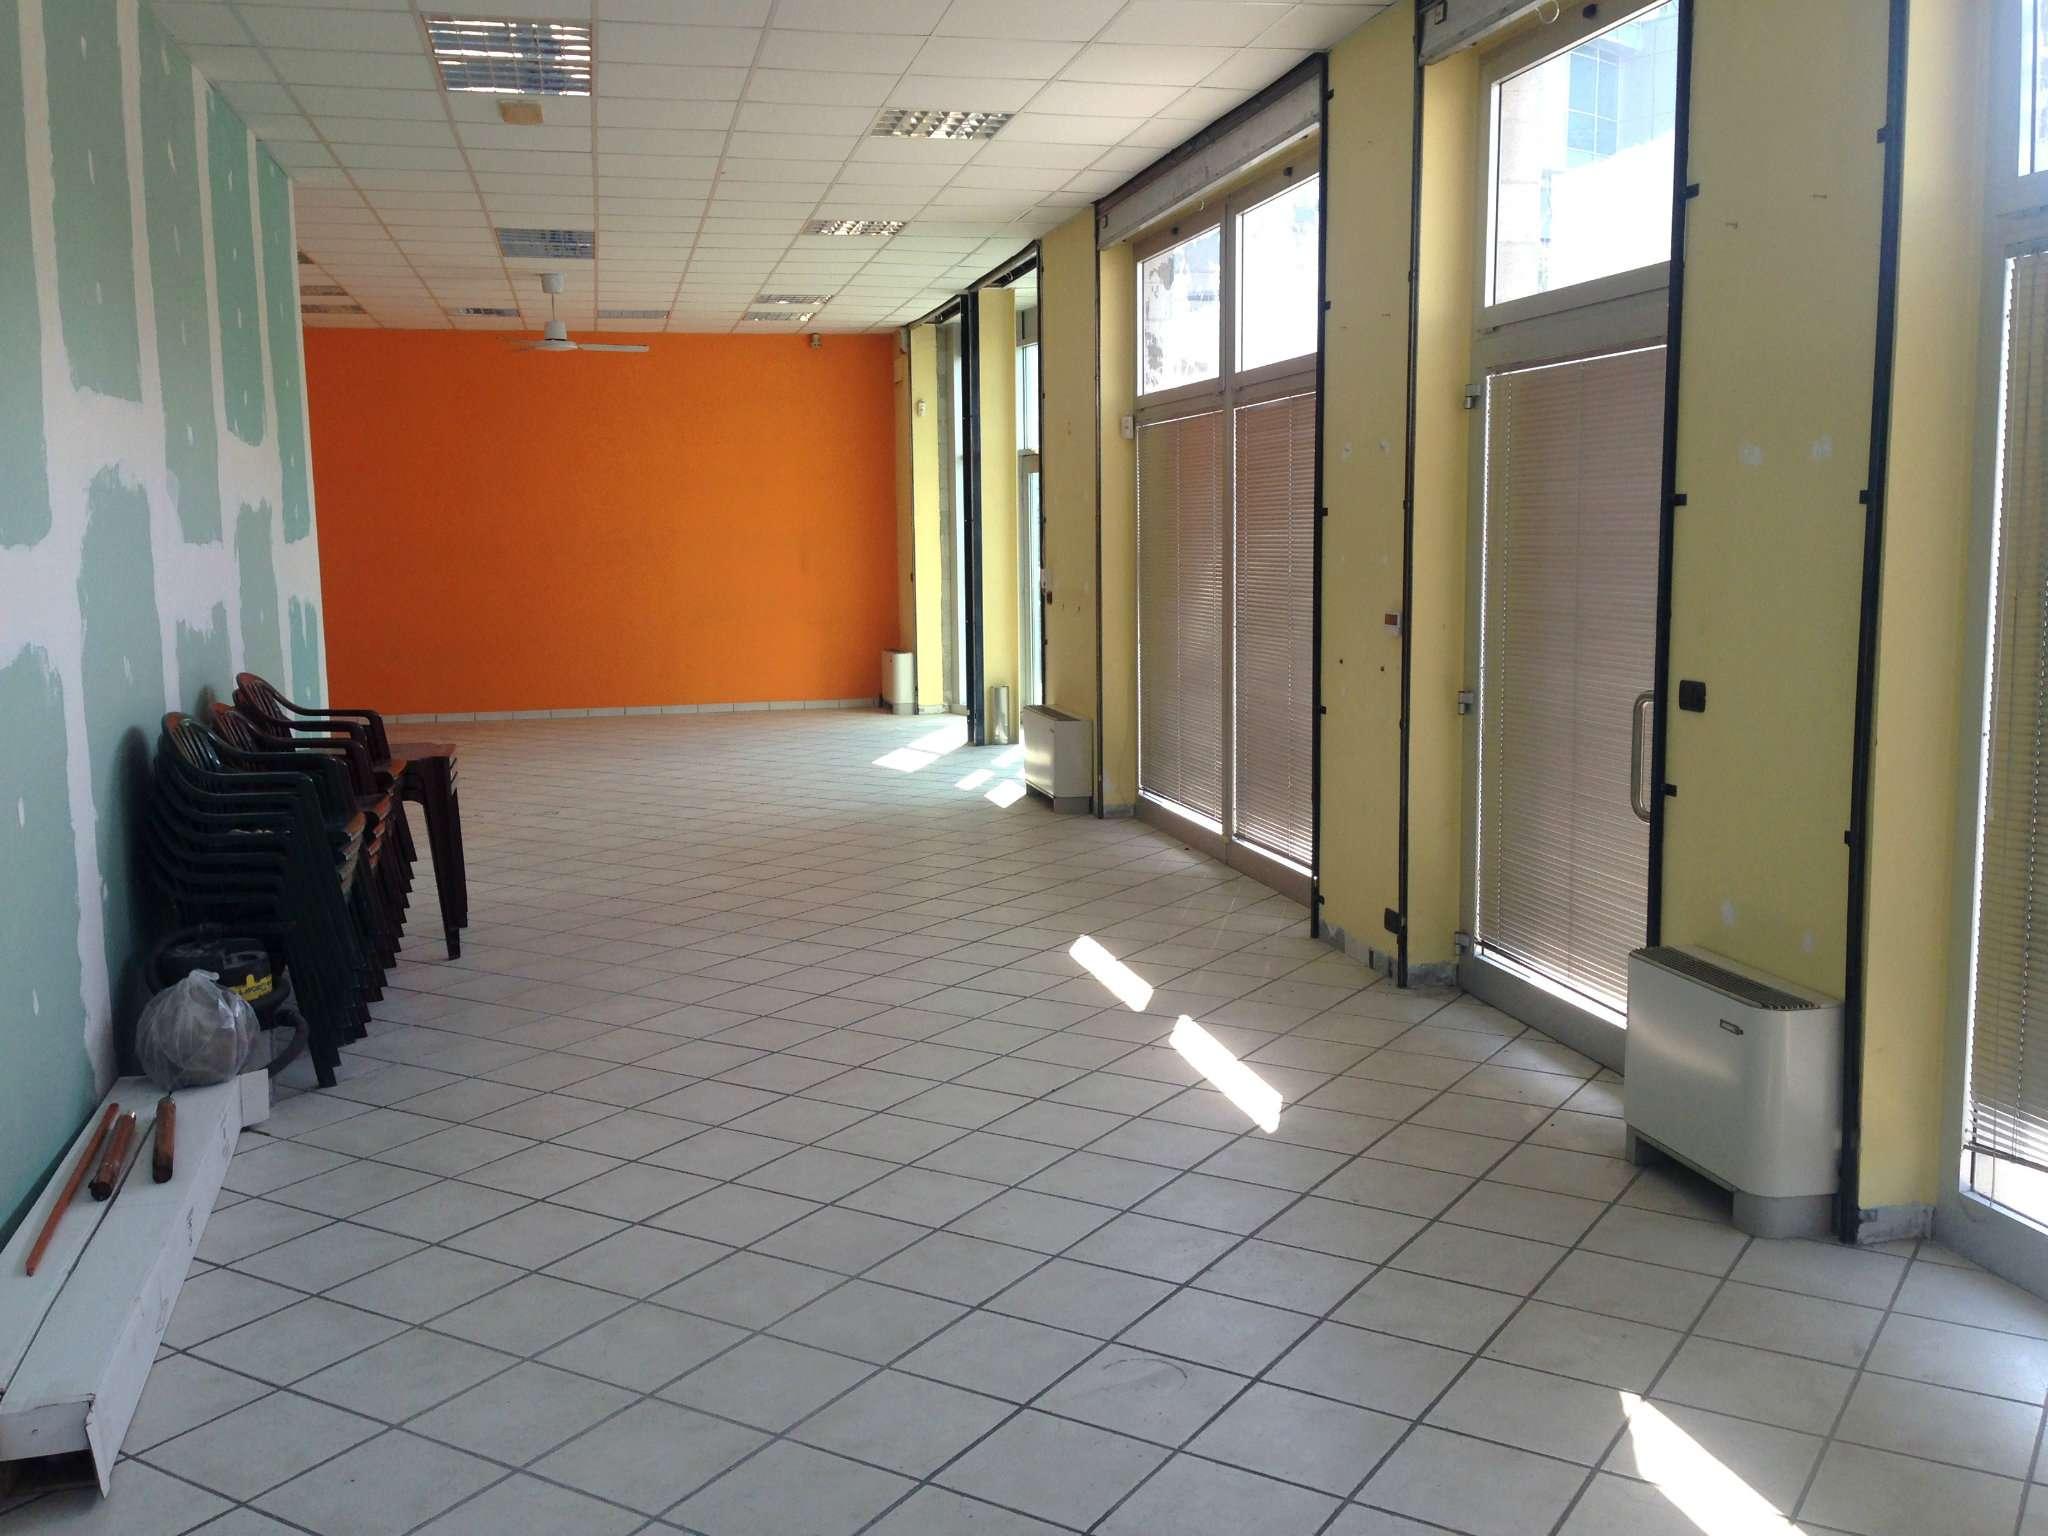 Negozio / Locale in affitto a Pinerolo, 2 locali, prezzo € 1.500 | Cambio Casa.it